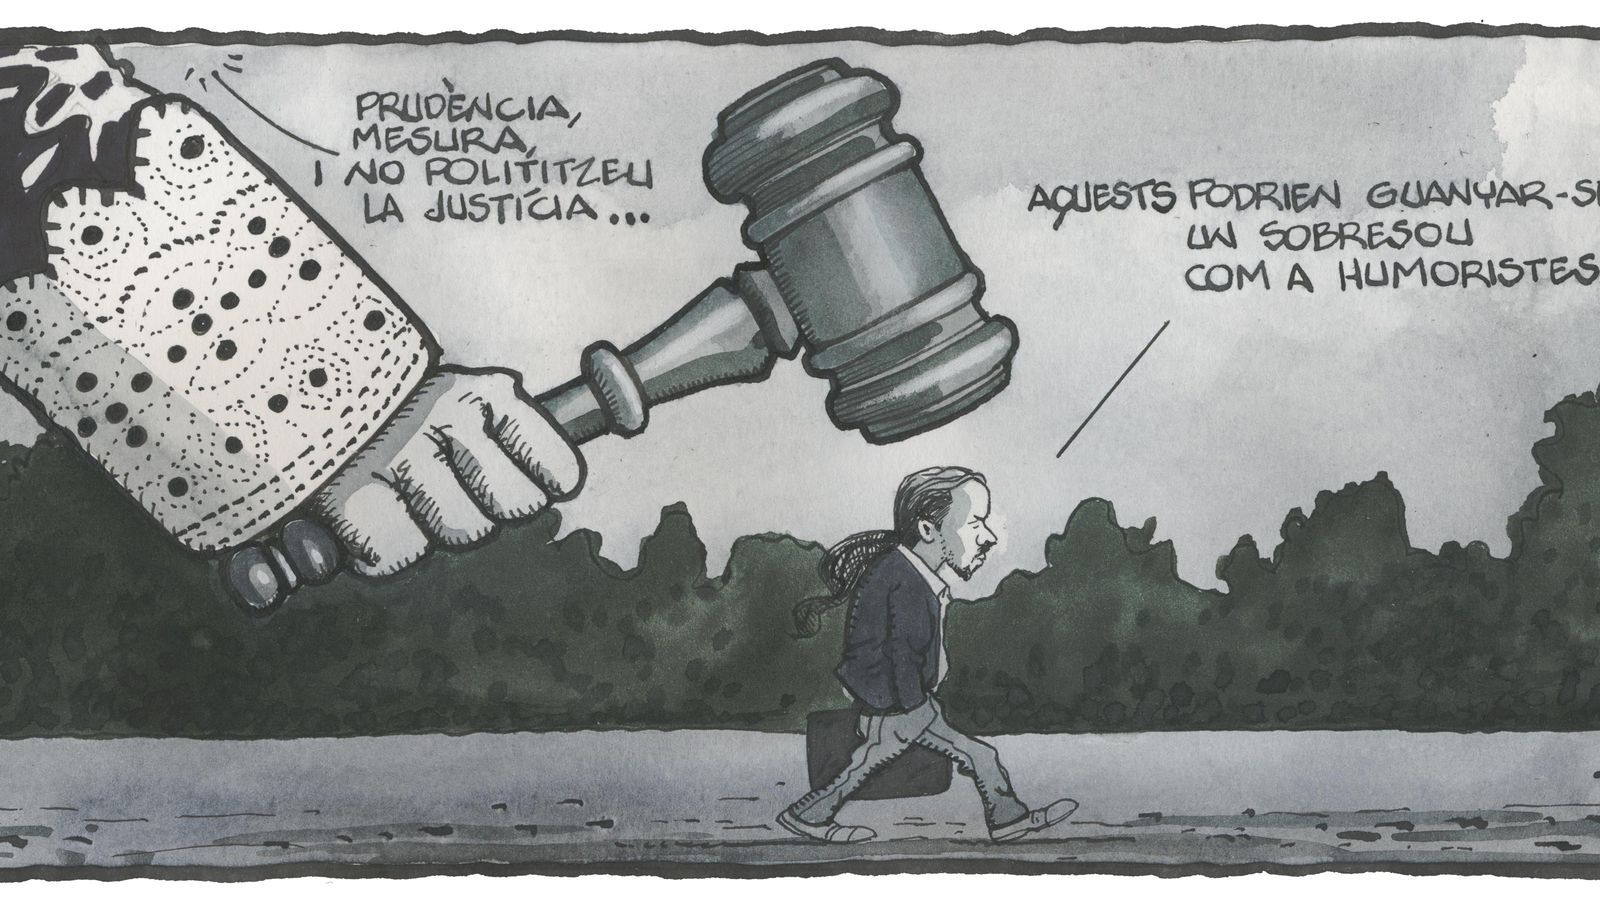 'A la contra', per Ferreres 19/01/2020